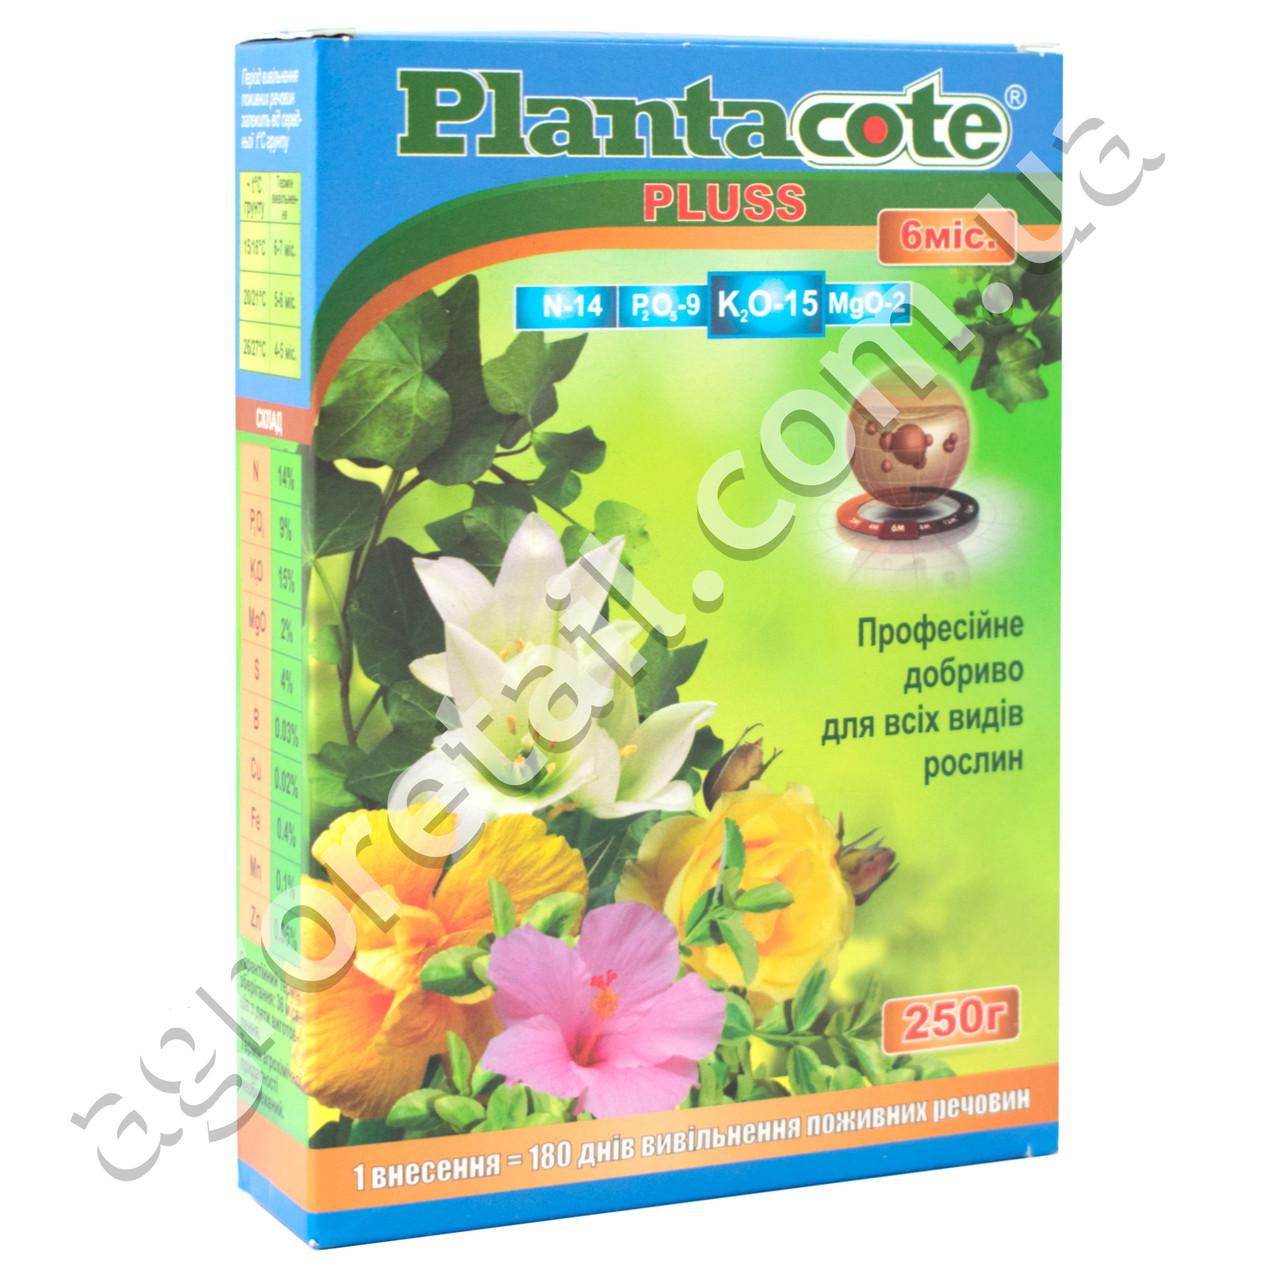 Удобрение Plantacote pluss 6M для всех видов растений 250 г